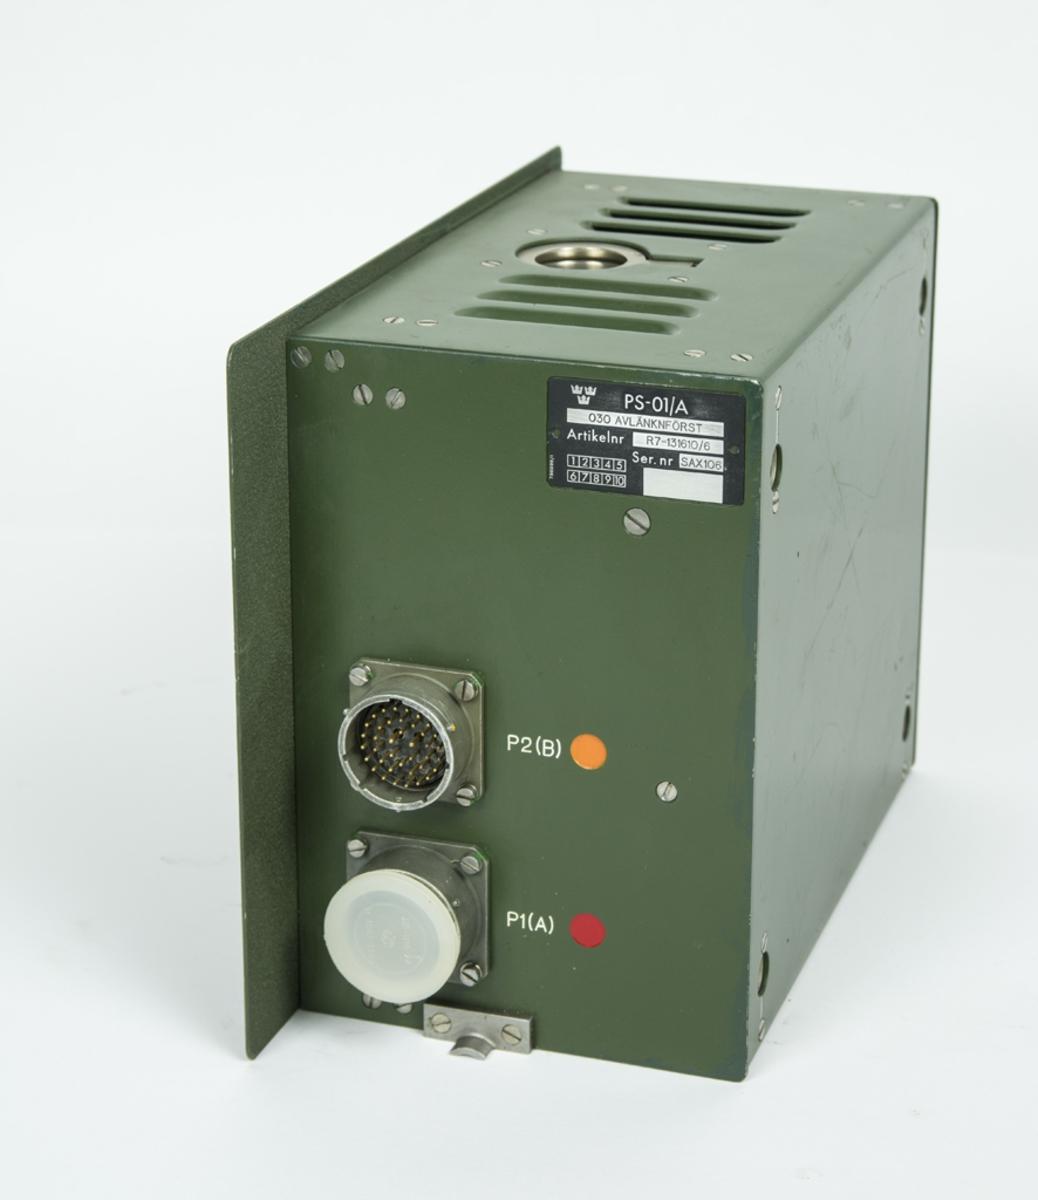 Avlänkningsförstärkare R7-131610/6 till Radarstation PS-01/A.